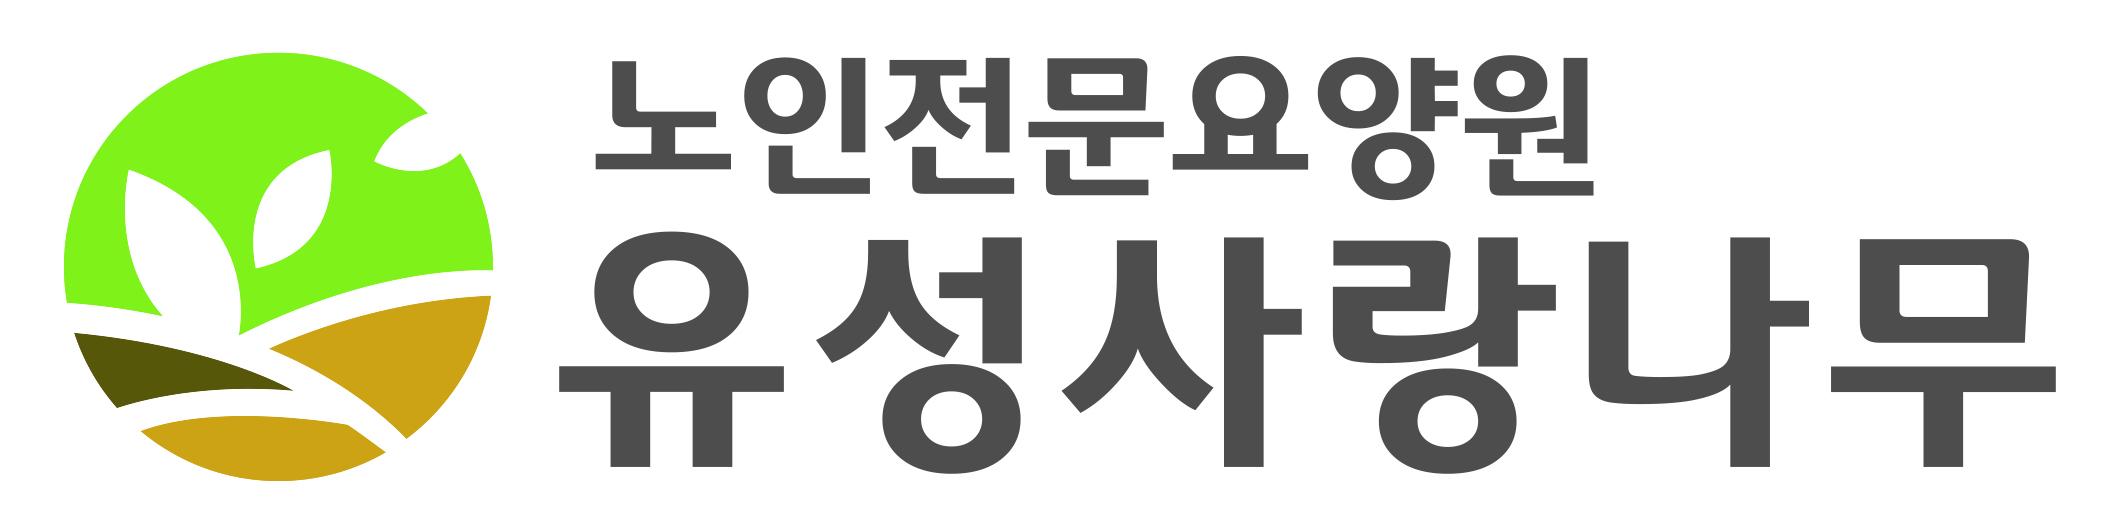 유성사랑나무_logo